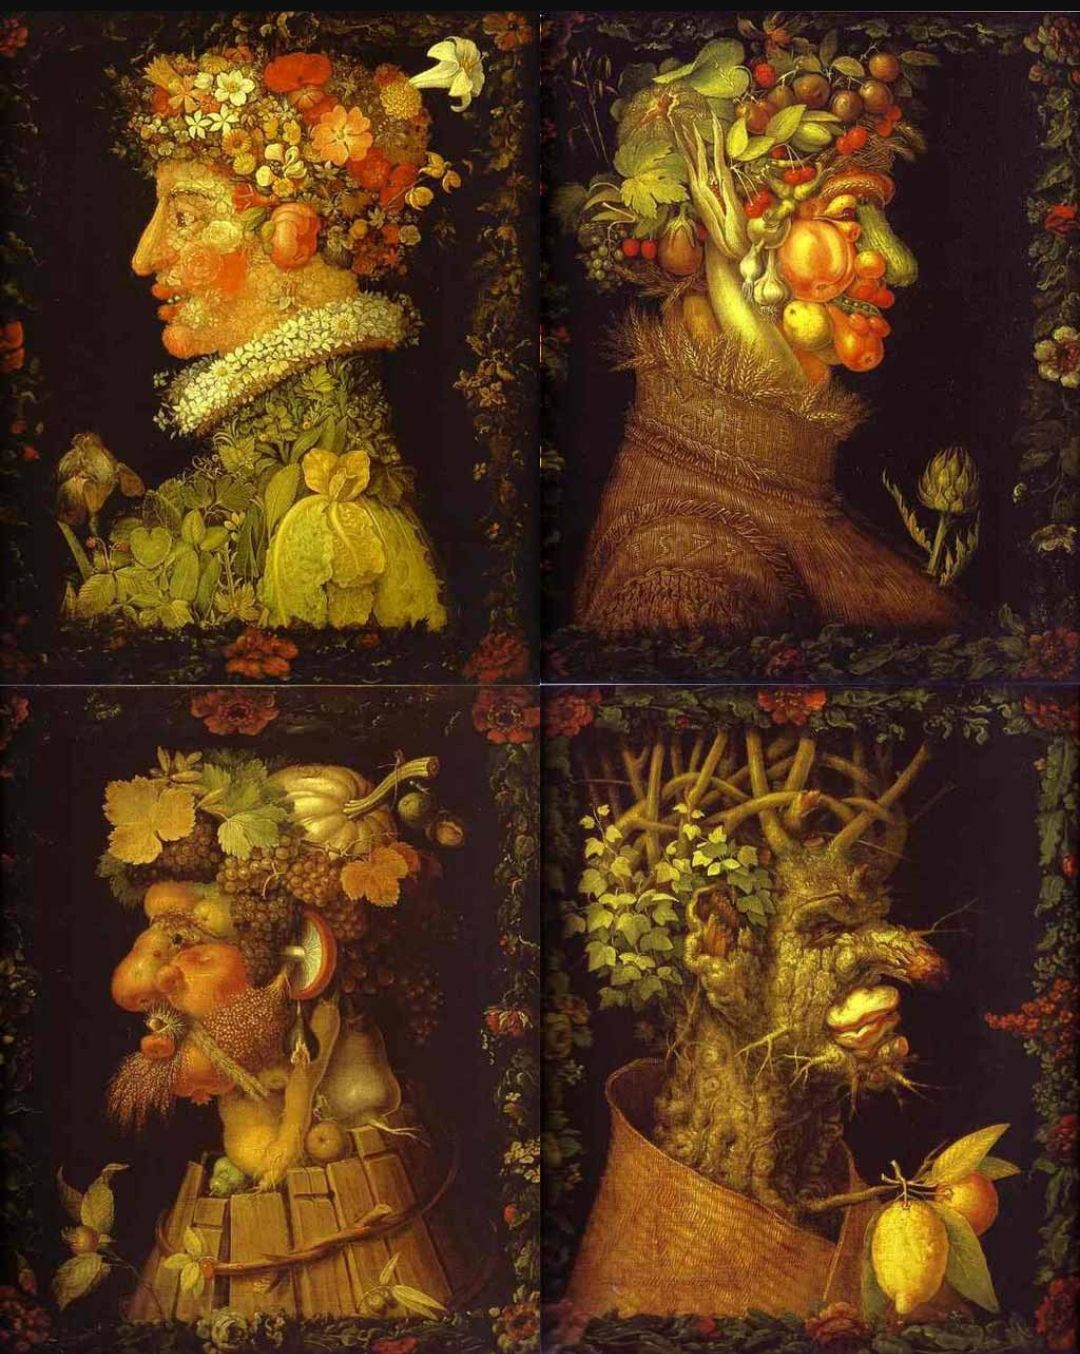 Arcimboldo Les 4 Saisons Maternelle : arcimboldo, saisons, maternelle, Arcimboldo, Quatre, Saisons, (louvre,, Paris), Historique,, Comment, Peindre,, Histoire, L'art